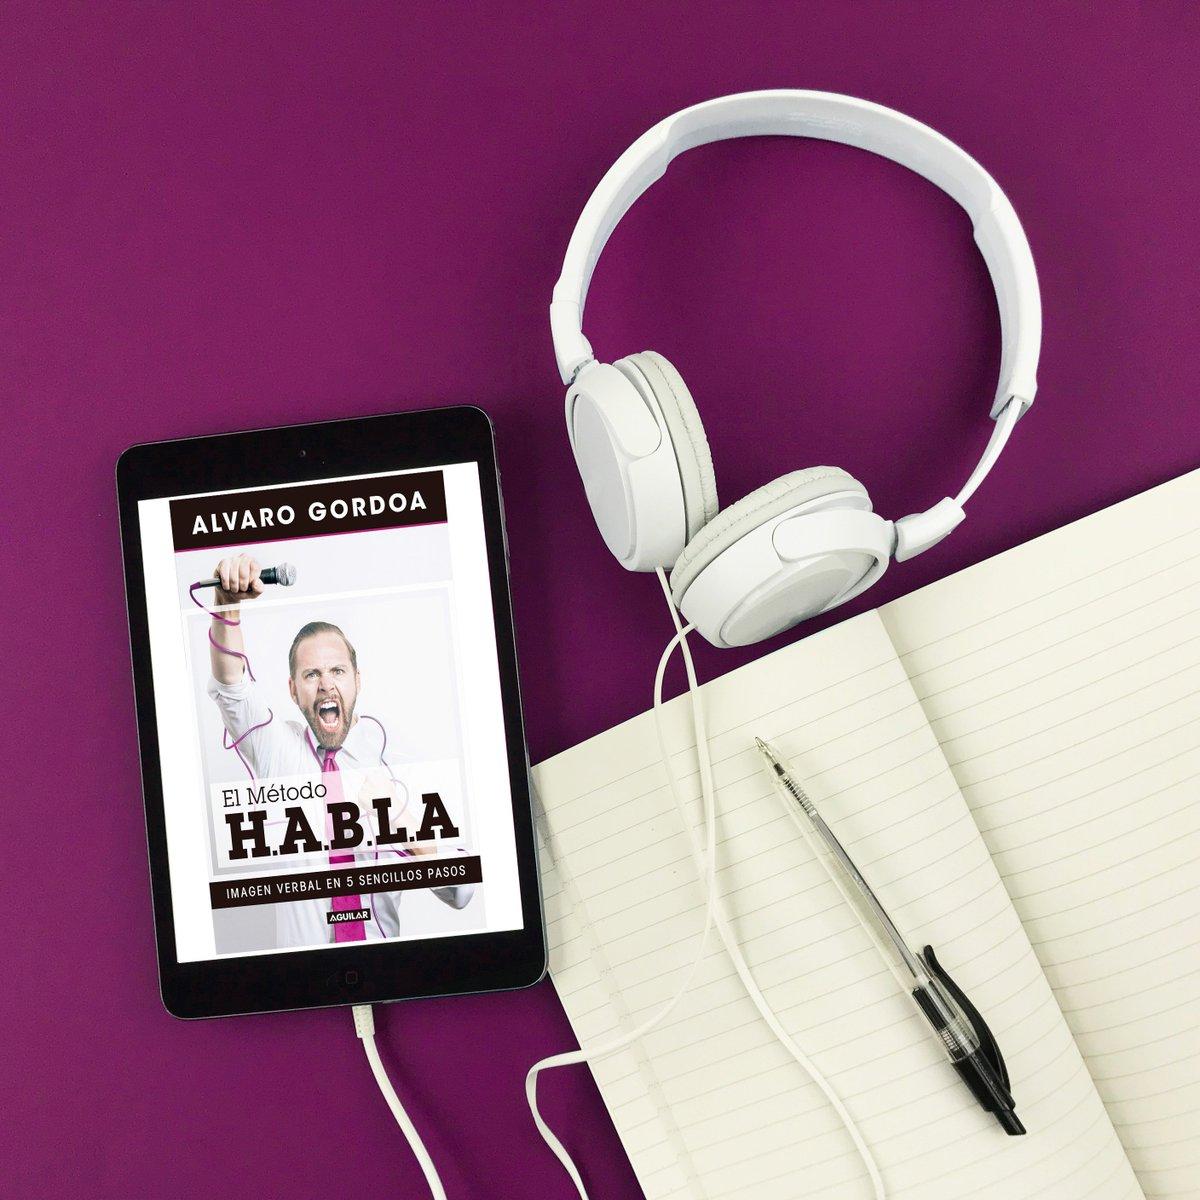 ... ahora también se pueda disfrutar El Método H.A.B.L.A en audiolibro! Ya  no hay pretexto para no capacitarte. GOOGLE PLAY: http://bit.ly/2HaMuos  AUDIBLE: ...